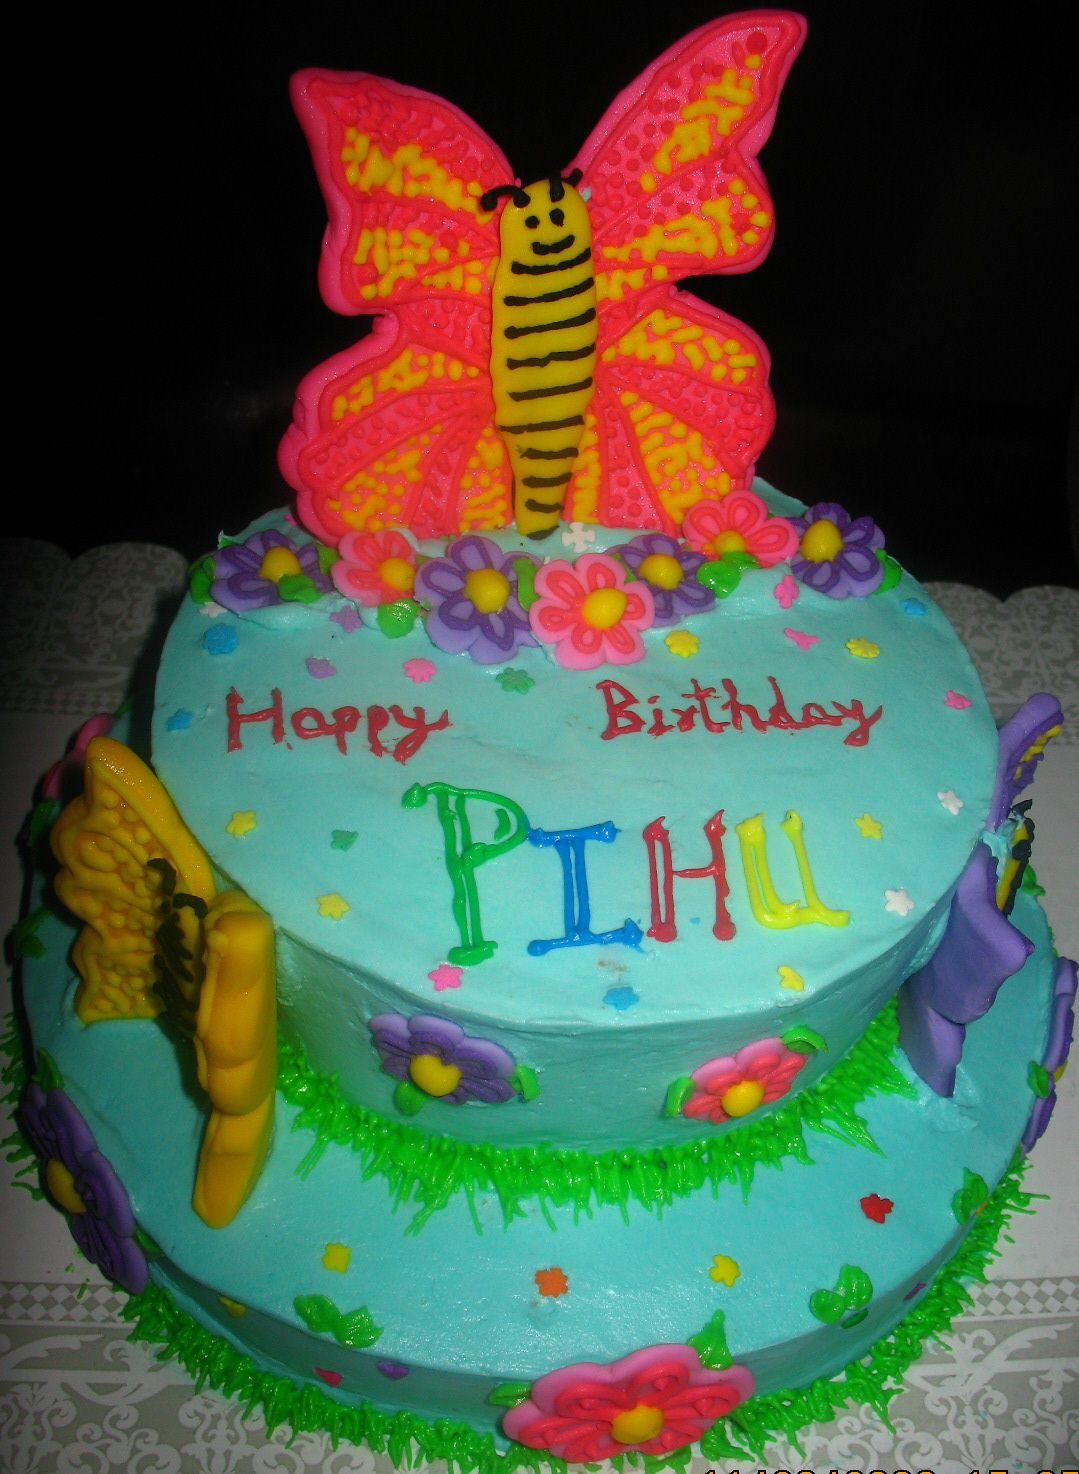 Anu Cakes N Bakes 10 01 2010 11 01 2010